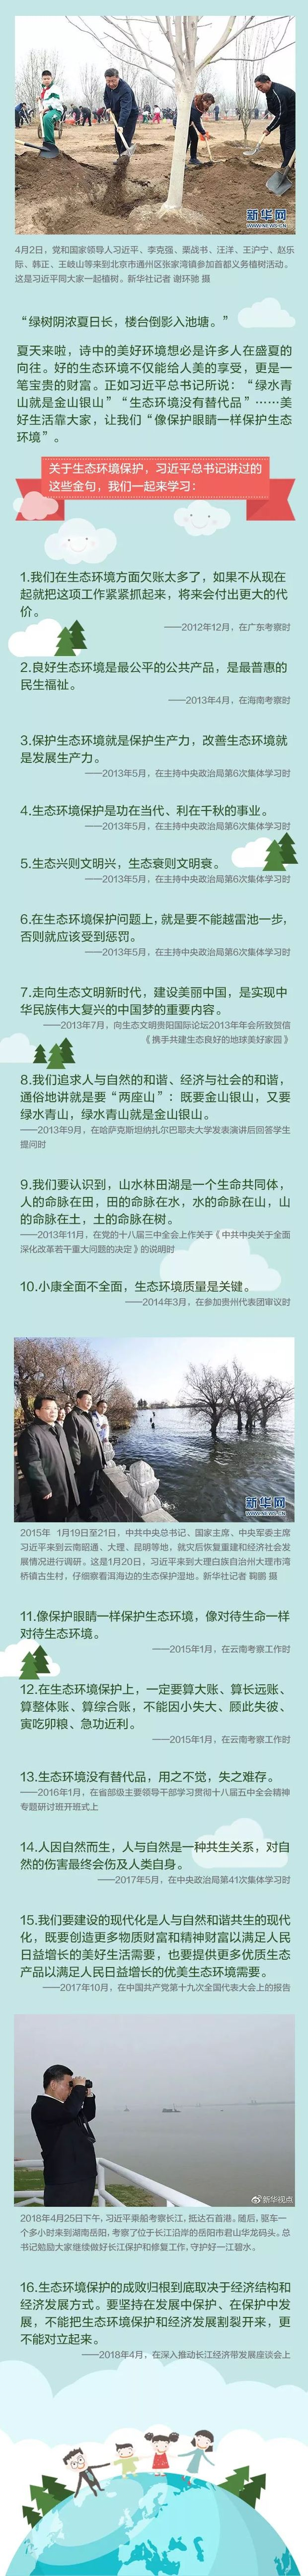 一起学习!关于生态环境保护,总书记讲过的那些金句